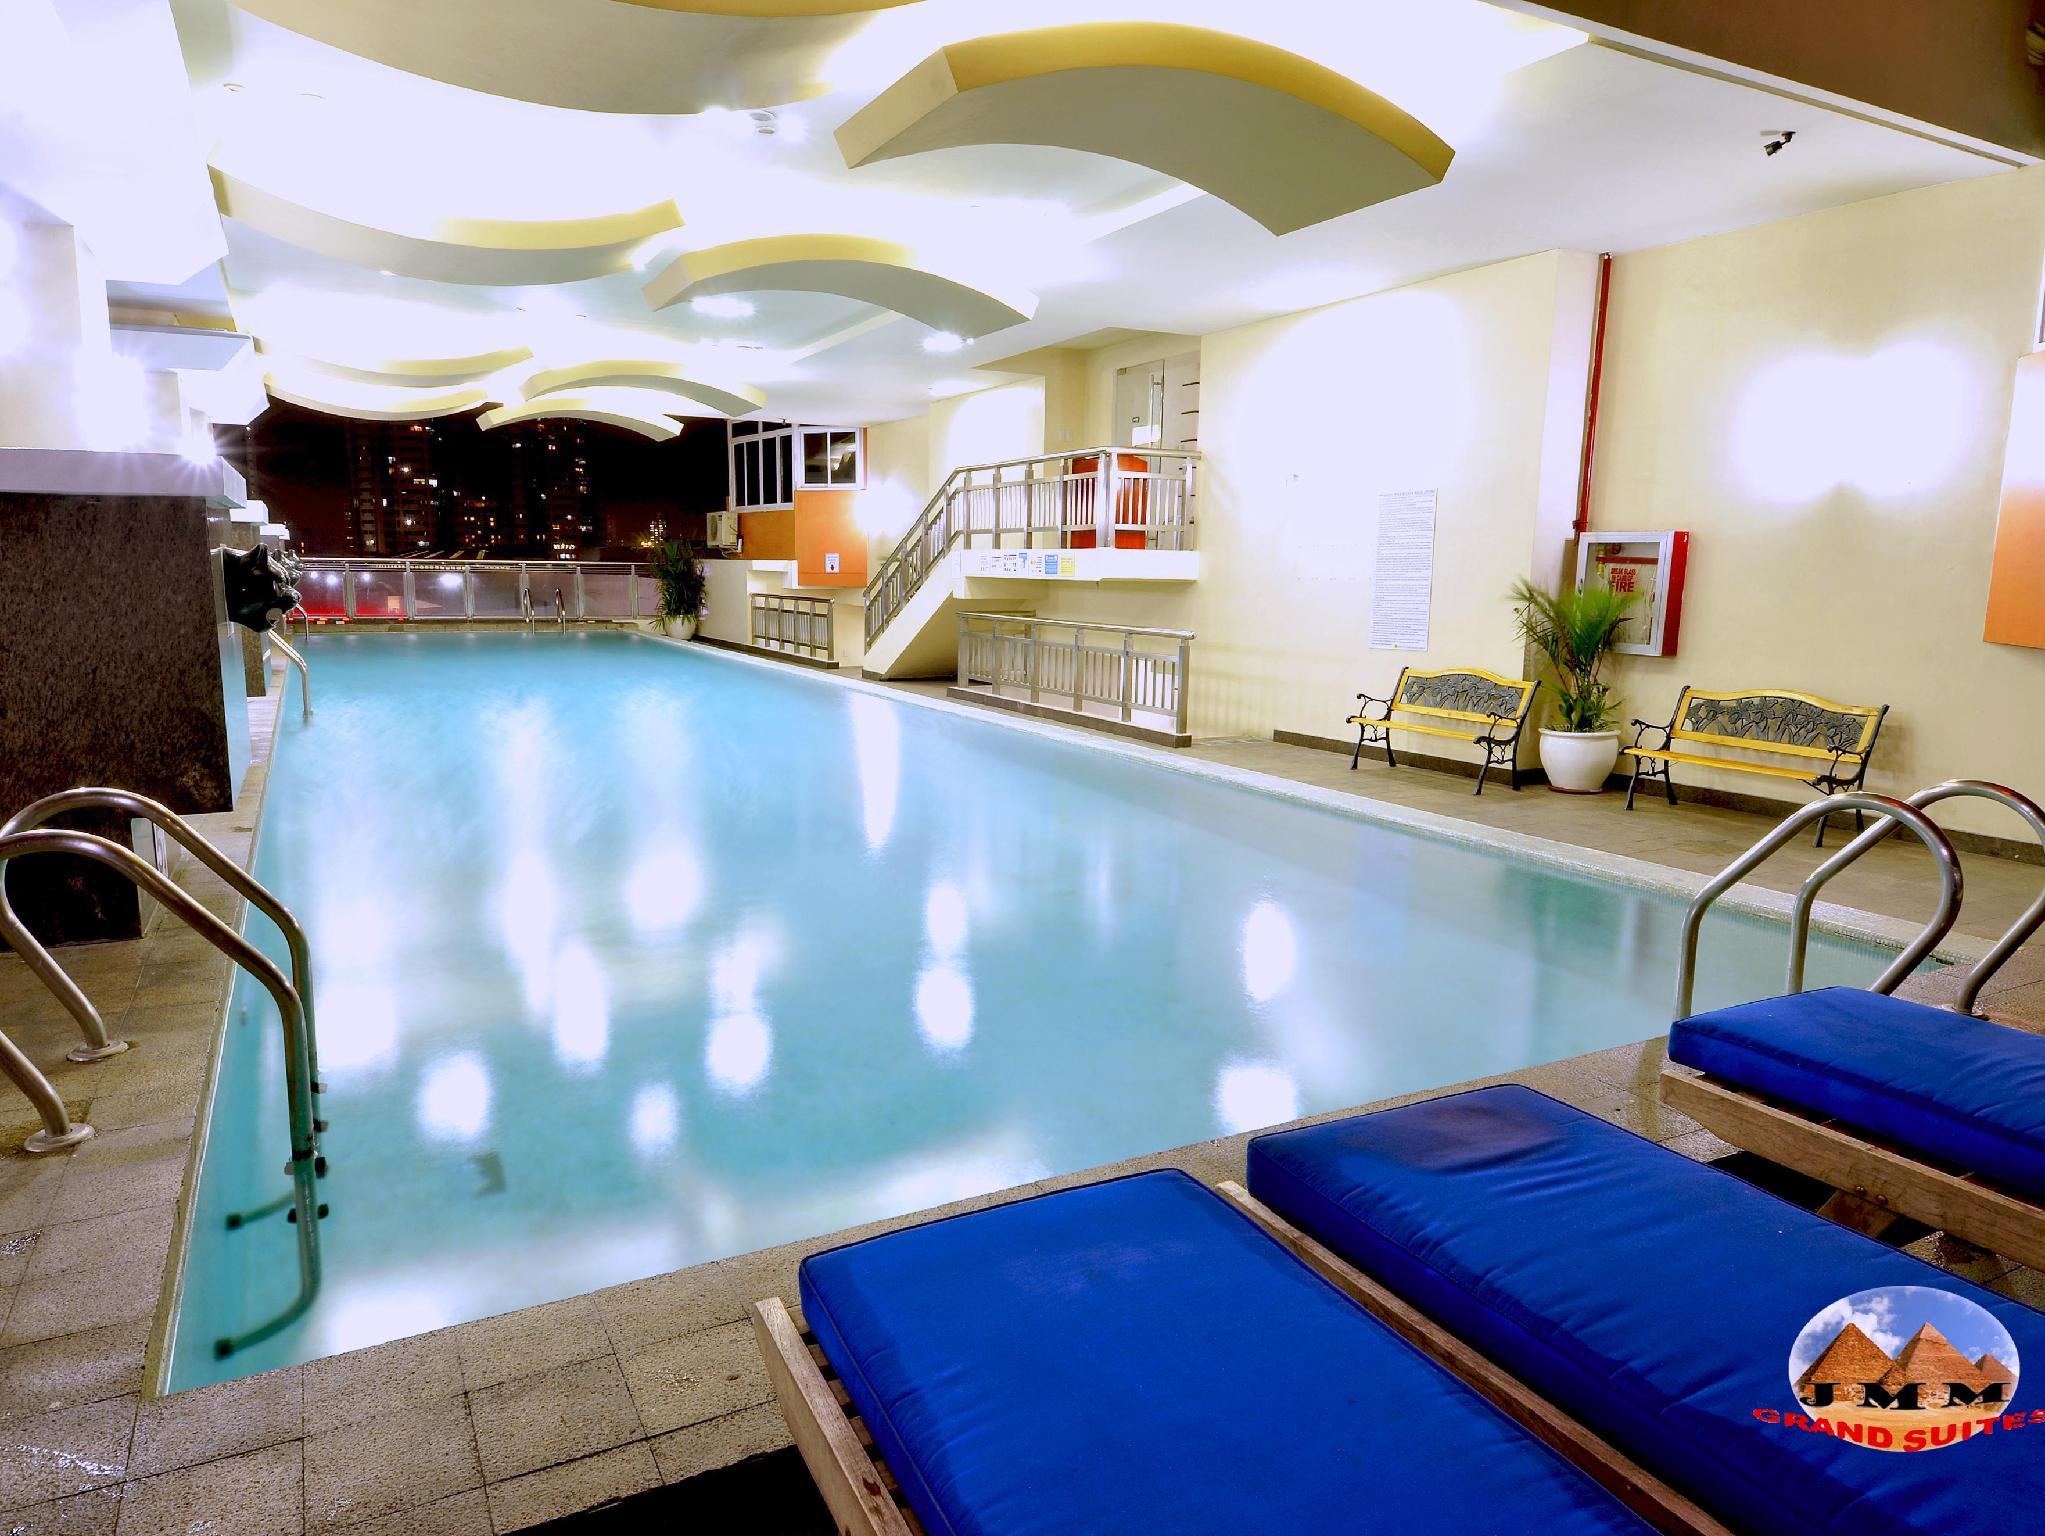 JMM Grand Suites - Facilities